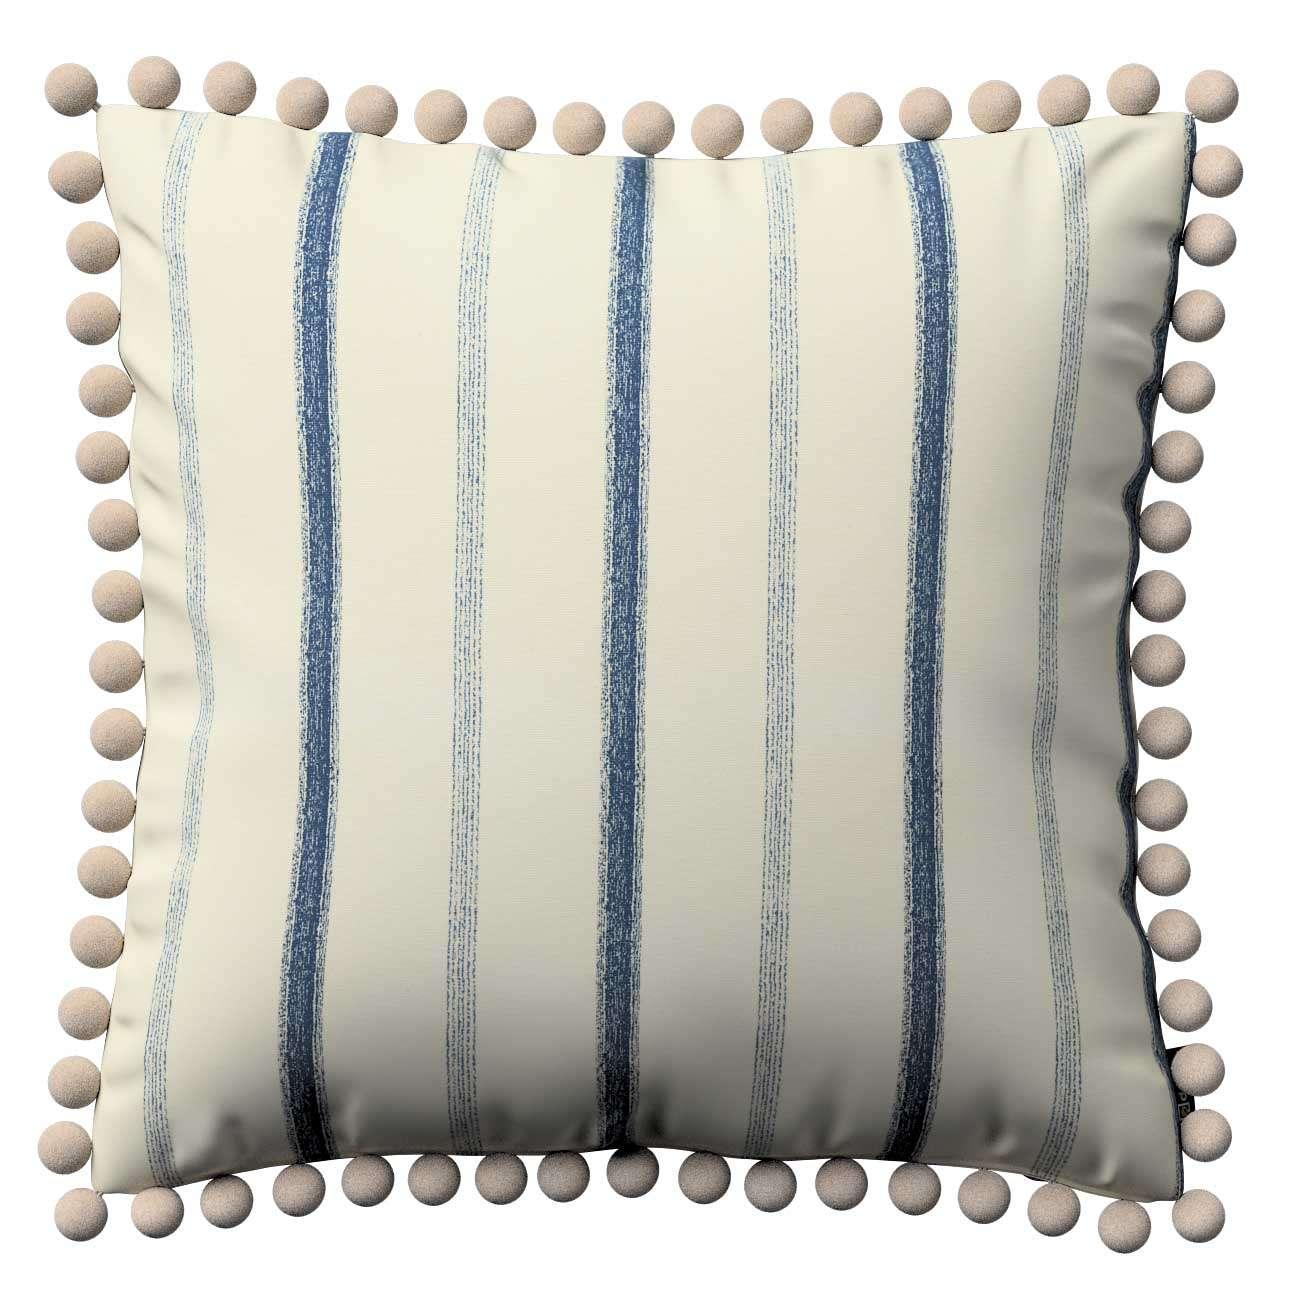 Poszewka Wera na poduszkę 45 x 45 cm w kolekcji Avinon, tkanina: 129-66